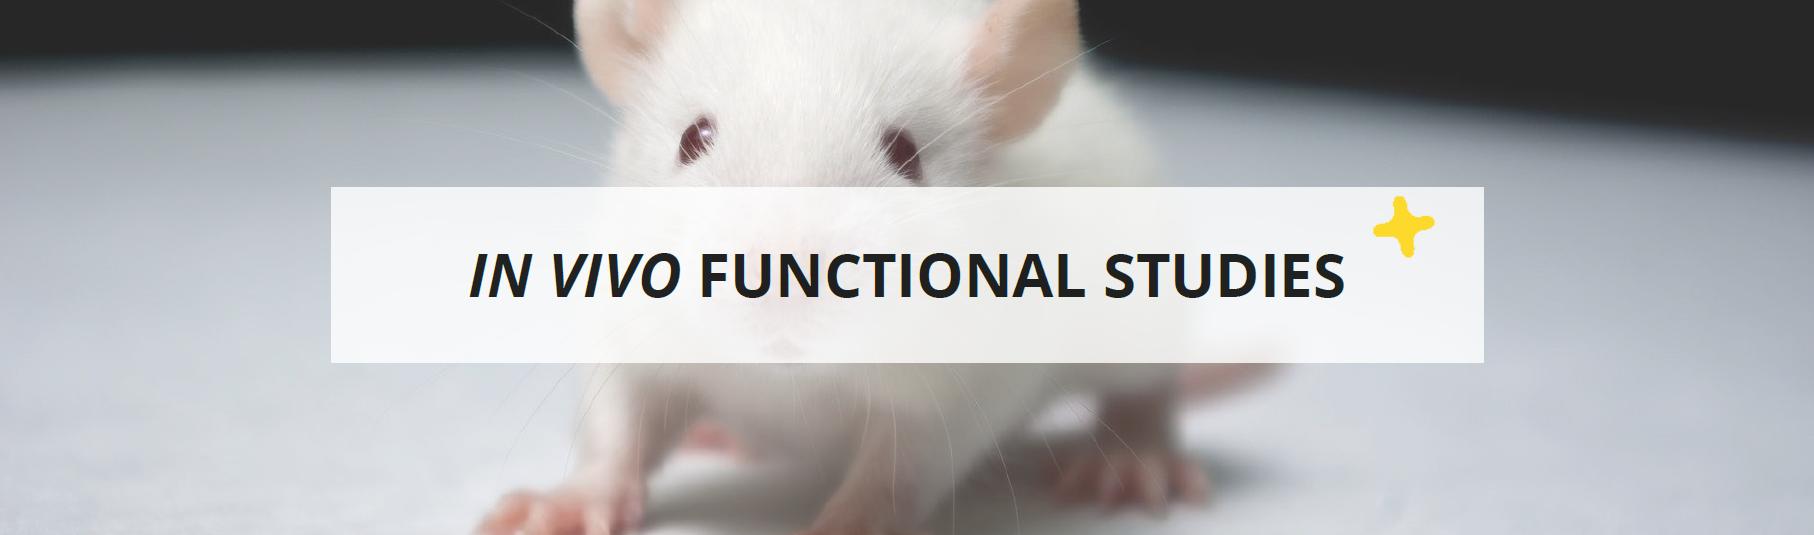 in vivo functional studies